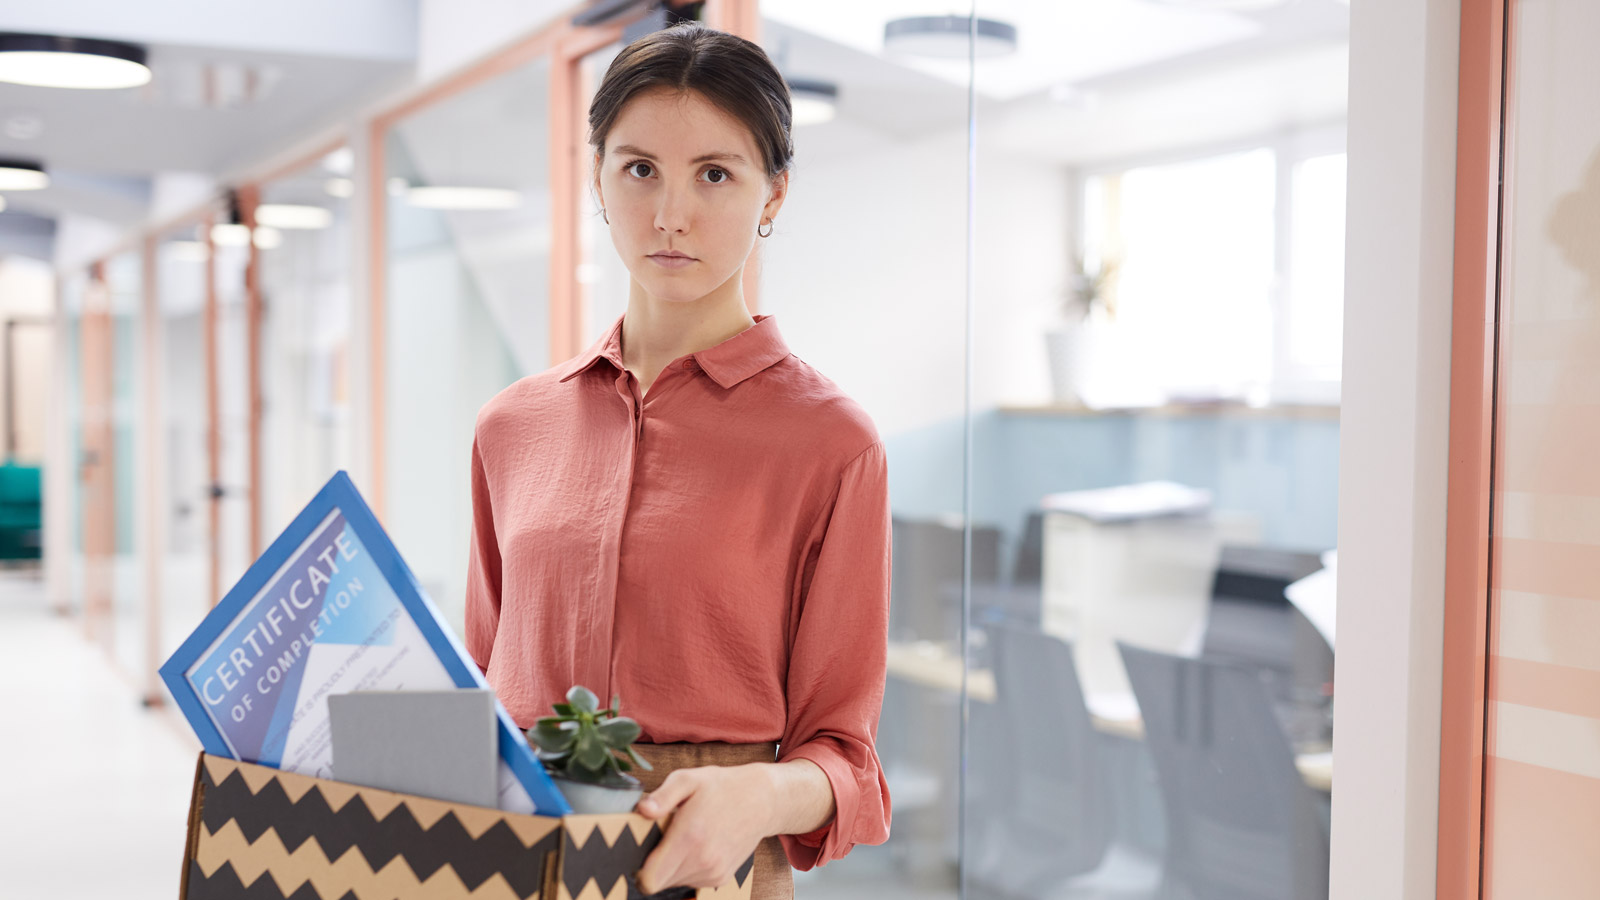 Pierwszy krok do zmiany zawodowej [RAPORT] Praca mediarun kobieta zmiana pracy nowa praca 2020